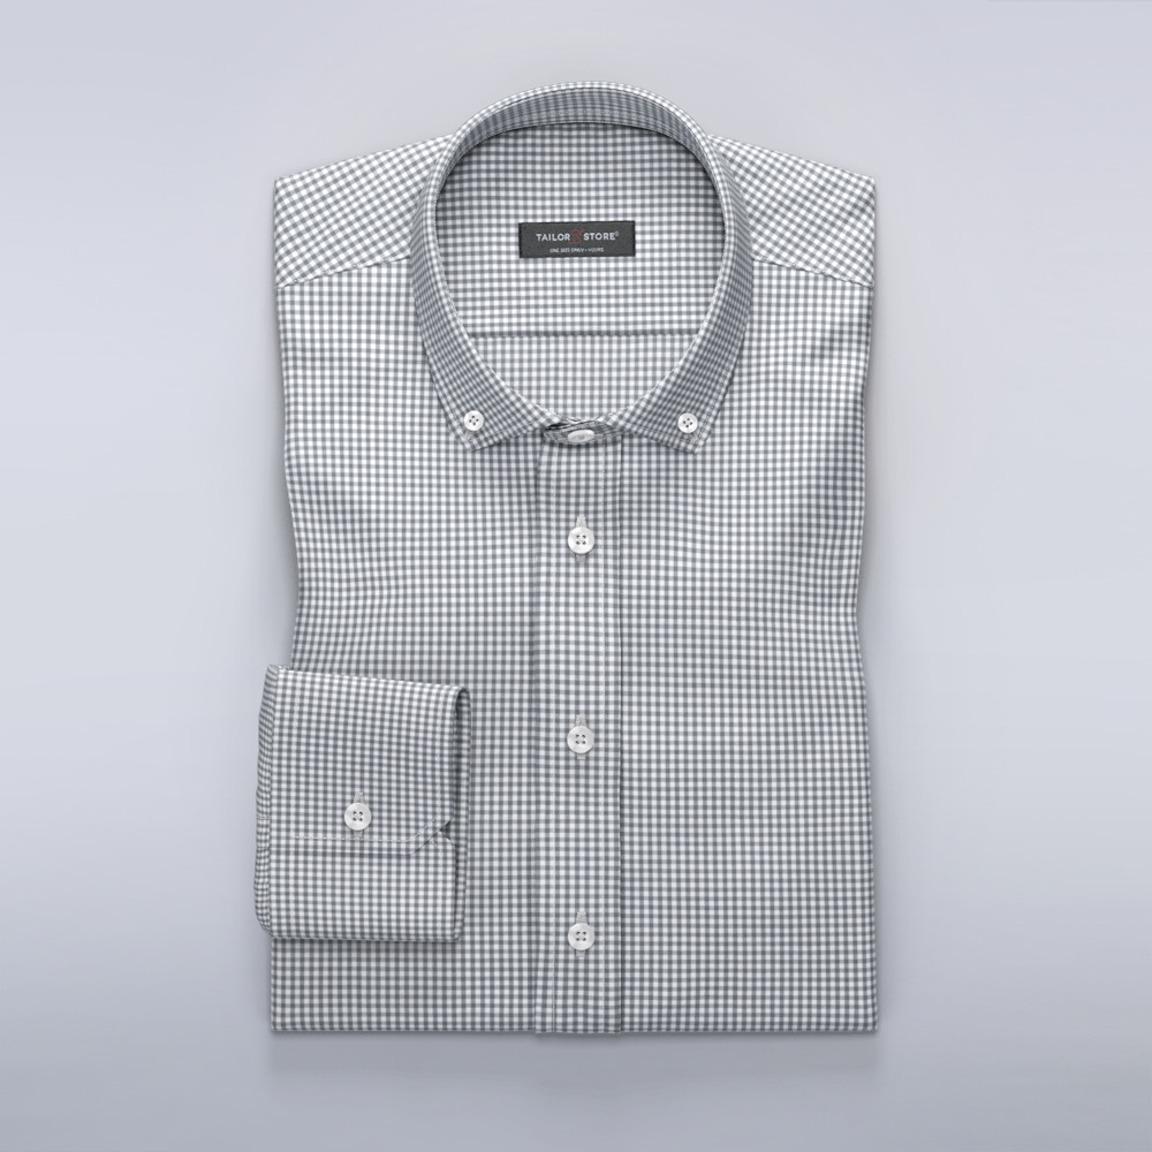 Grå skjorte i gingham-mønster